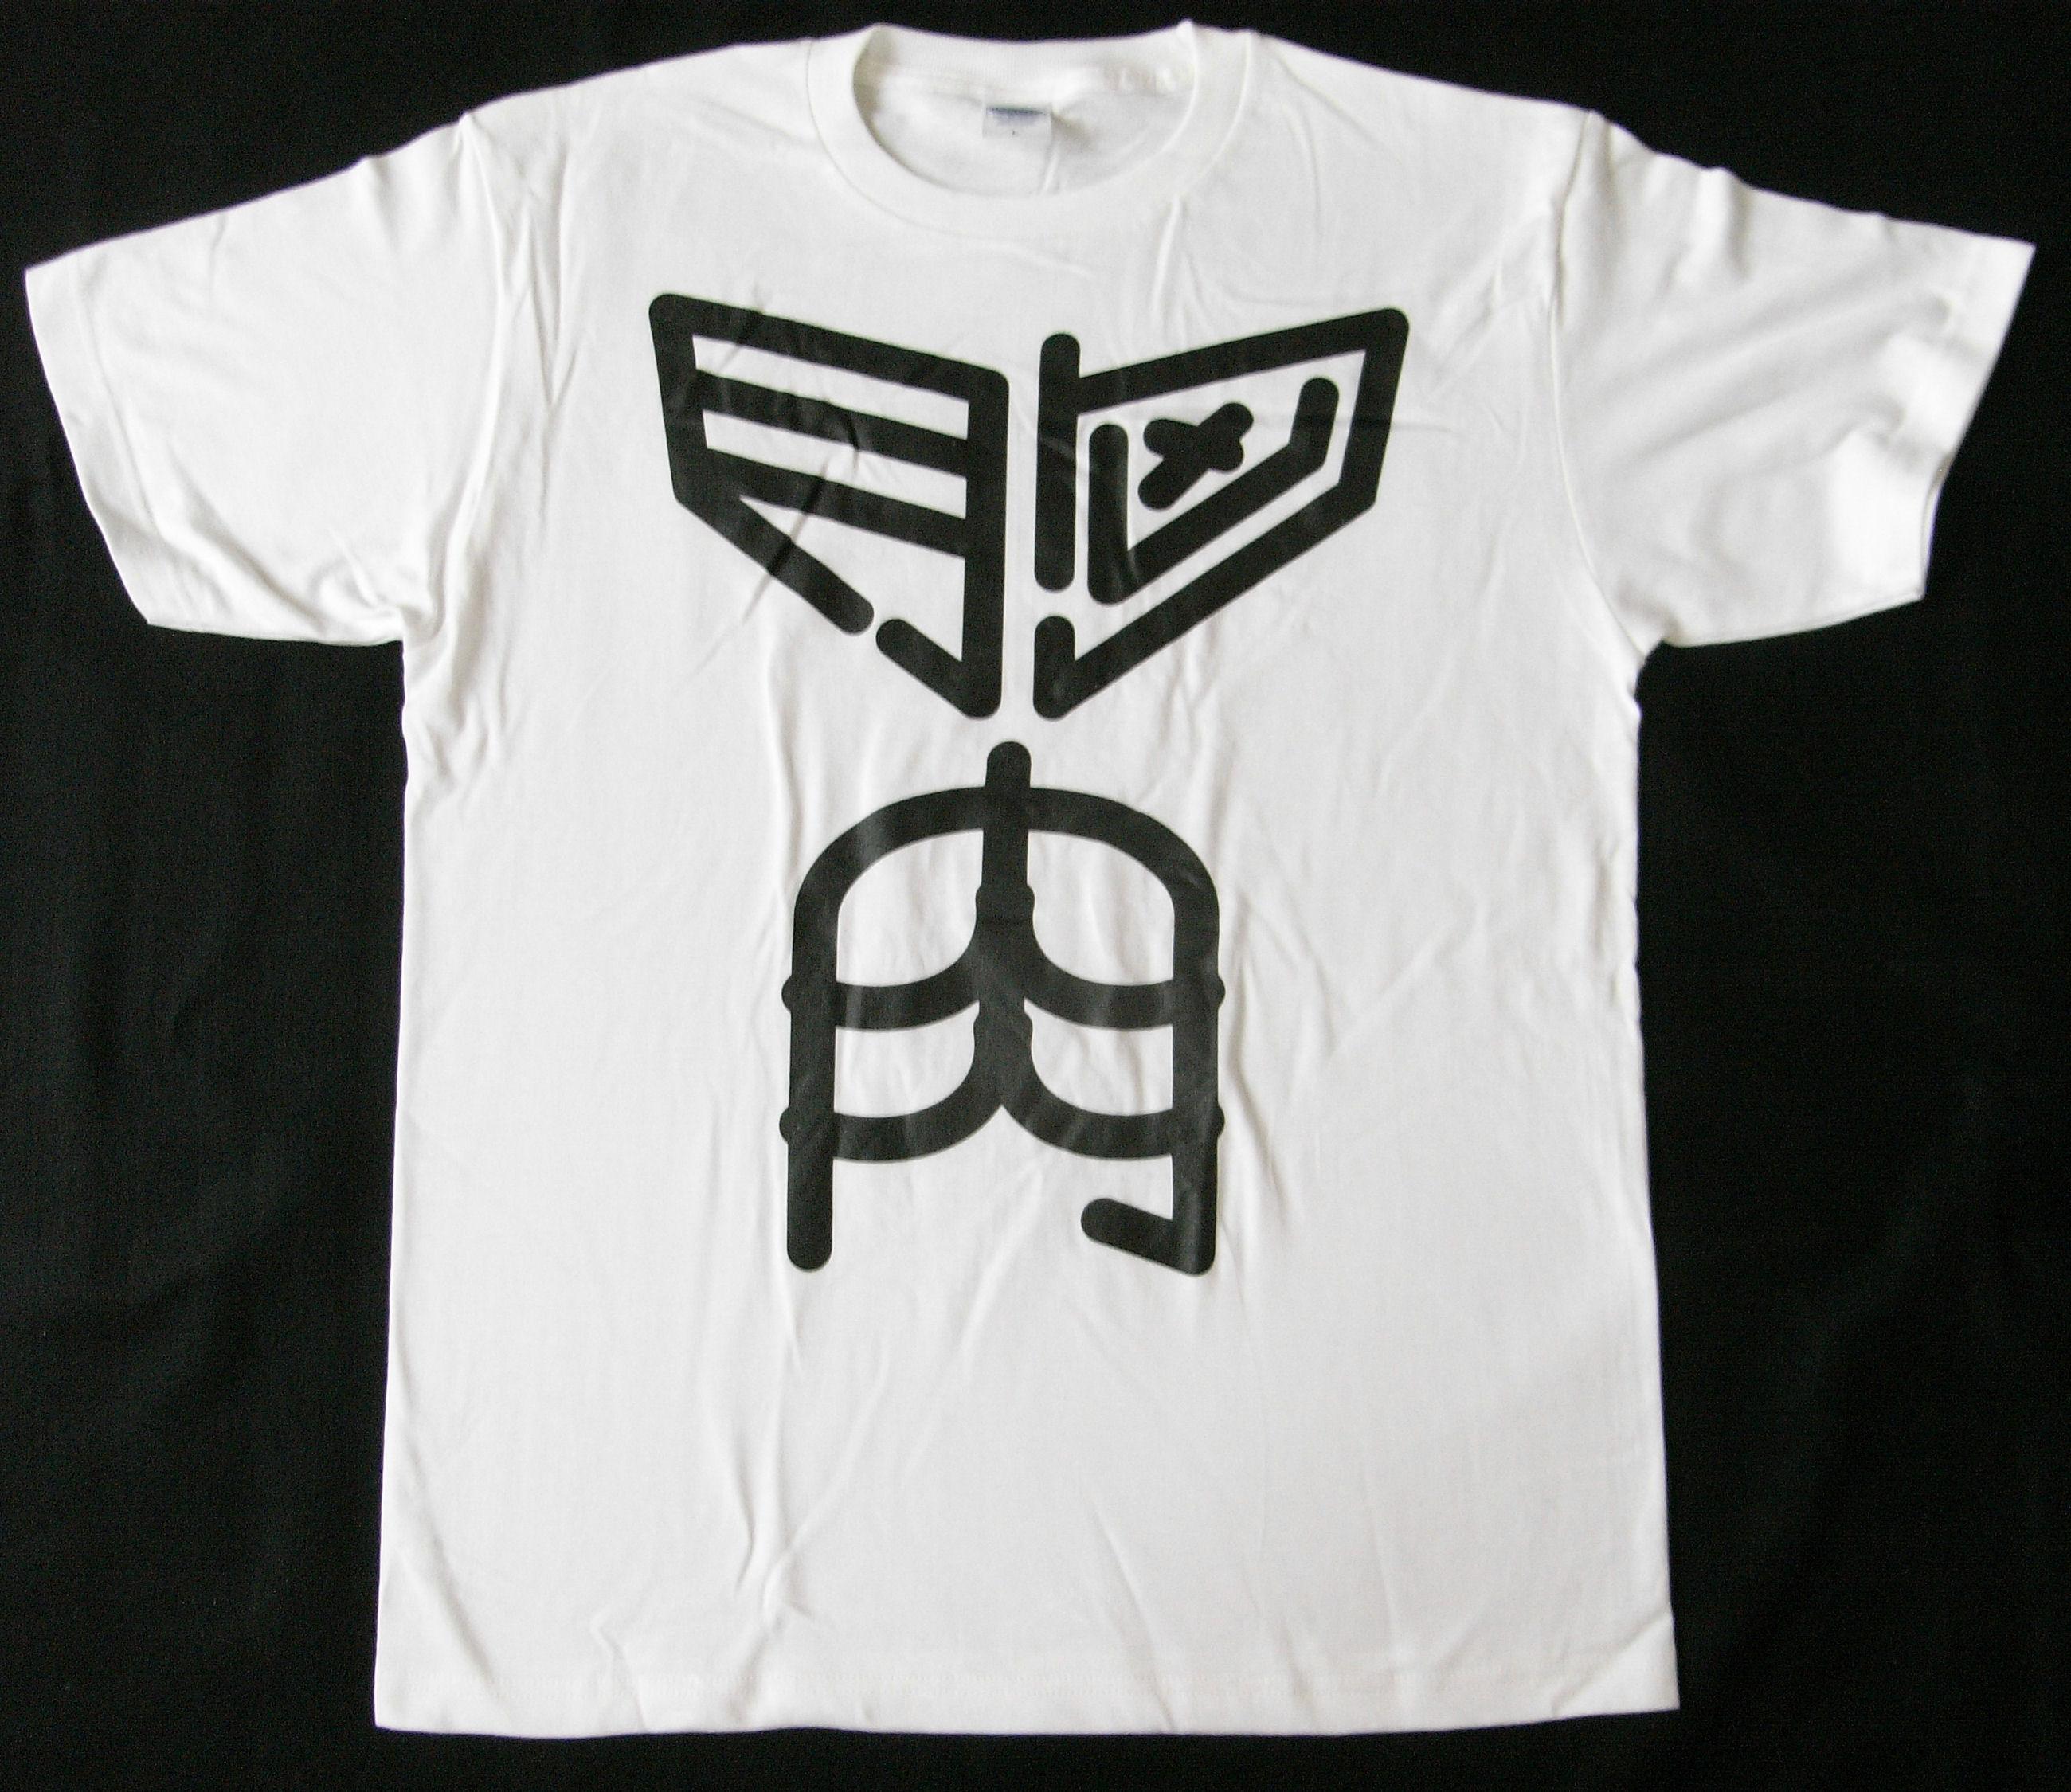 胸肉背骨Tシャツ(色・ホワイト、サイズ・L)画像